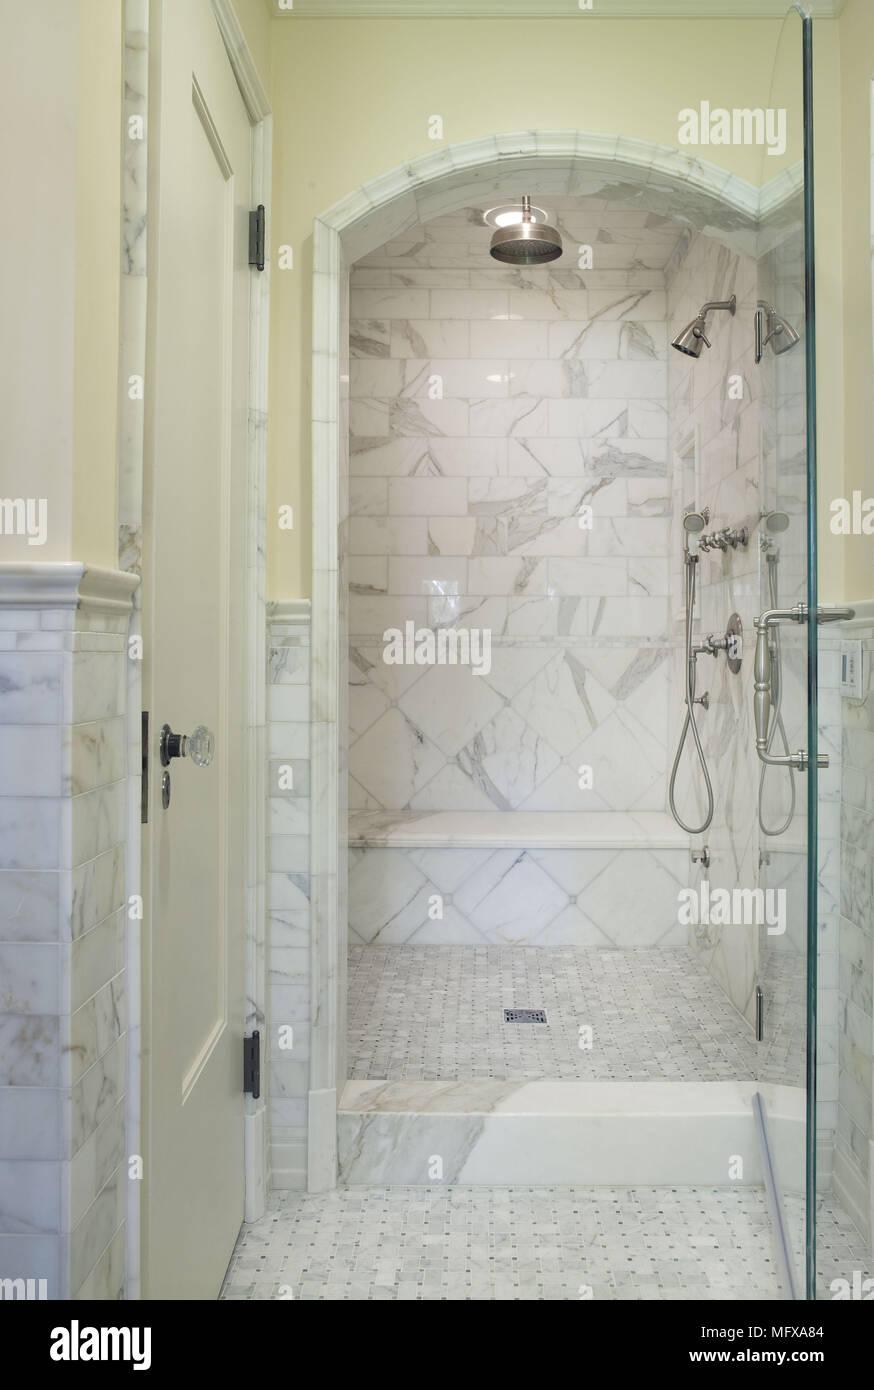 Duschkabine mit Glastür im traditionellen Stil Badezimmer Stockfoto ...